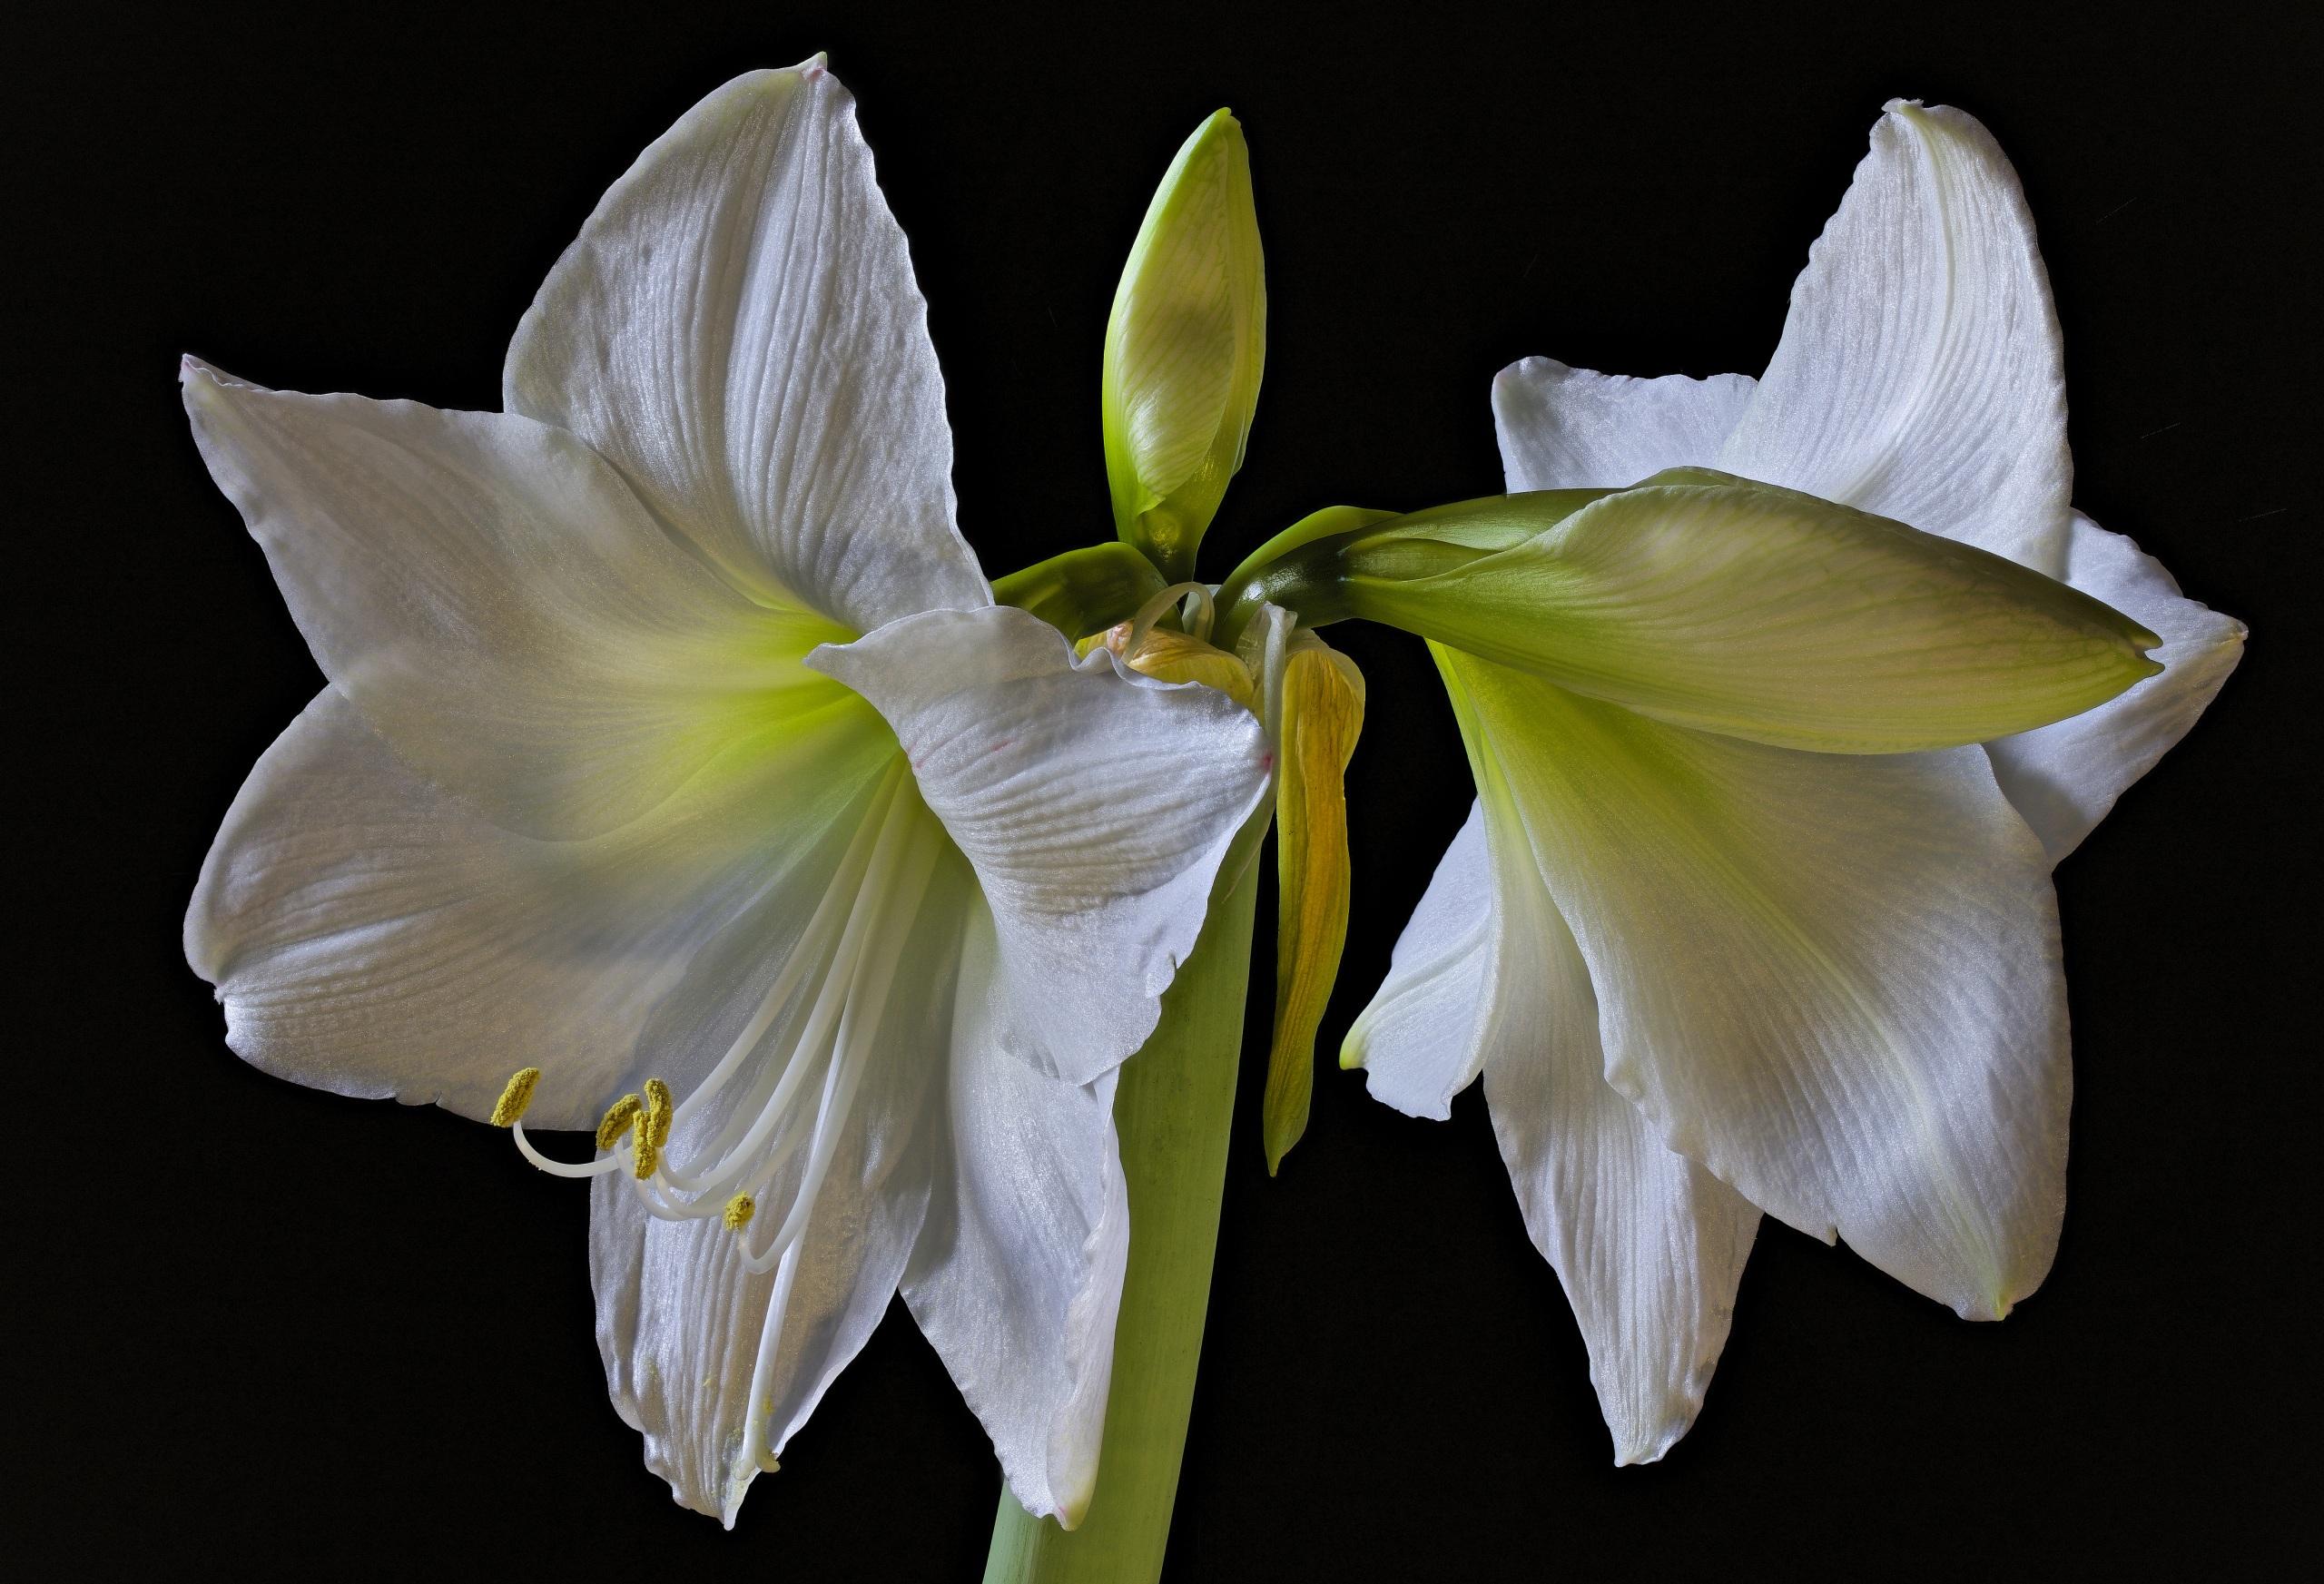 Картинки белые Цветы Амариллис Бутон Черный фон Крупным планом 2560x1745 белых Белый белая вблизи на черном фоне